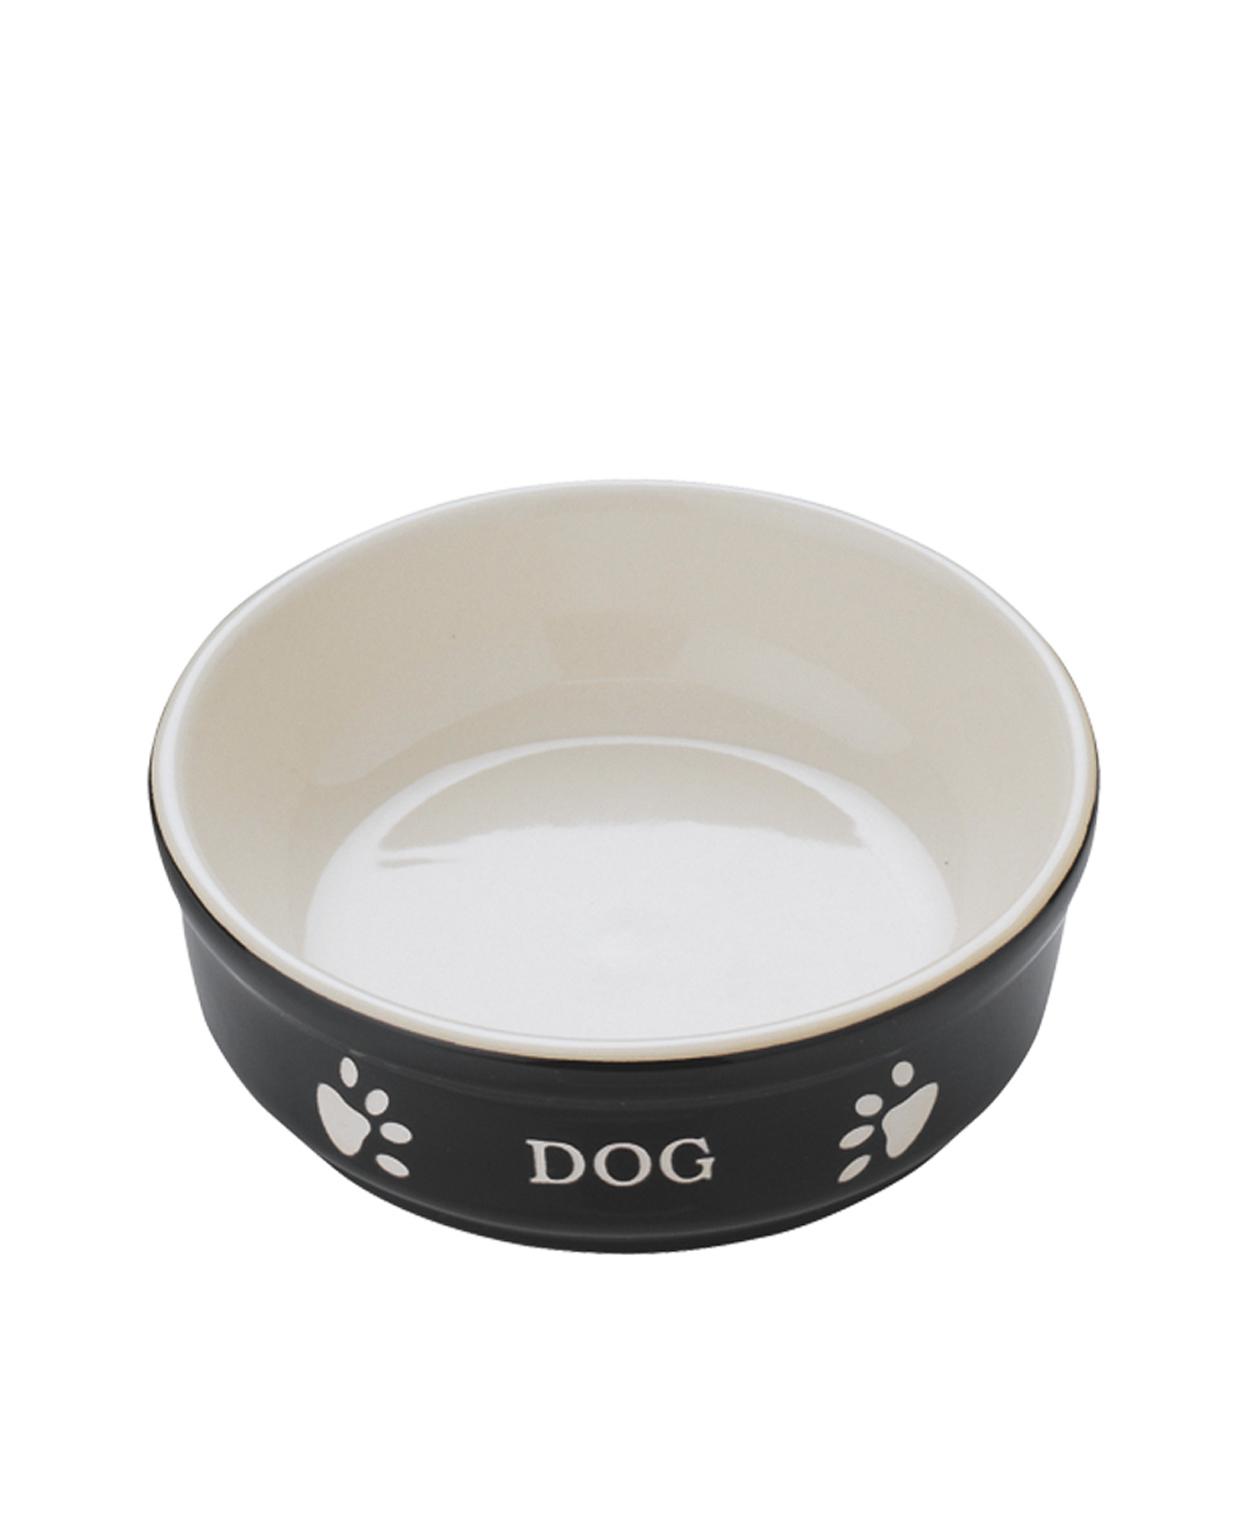 Mangeoire chien terre cuite noir 12 cm - Vadigran